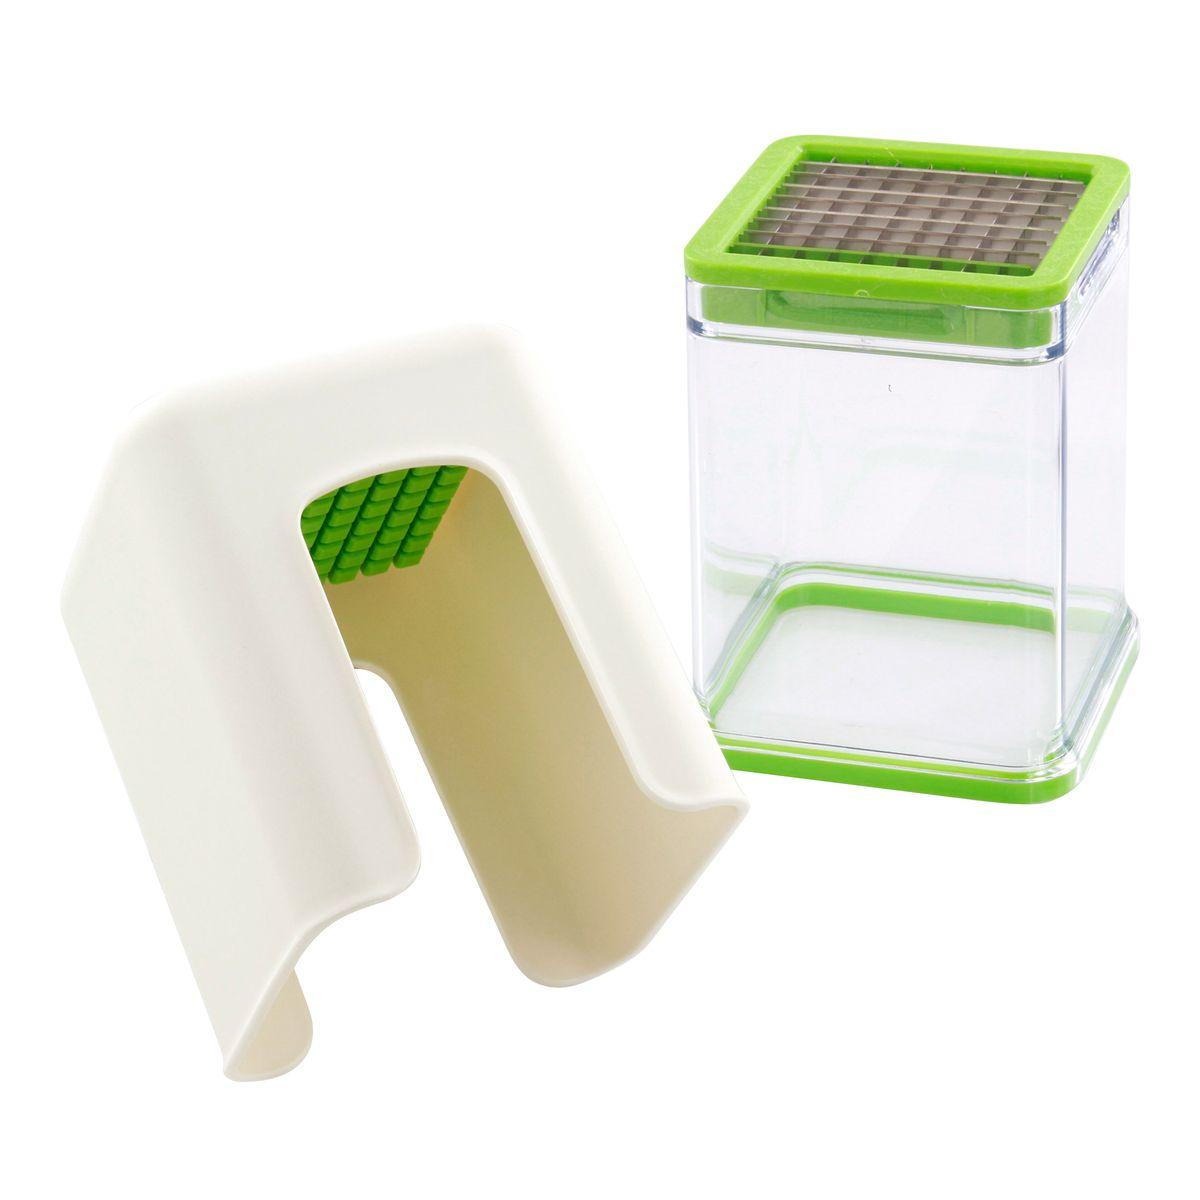 Coupe frite et légumes avec réceptacle blanc. vert et transparent - Progressive